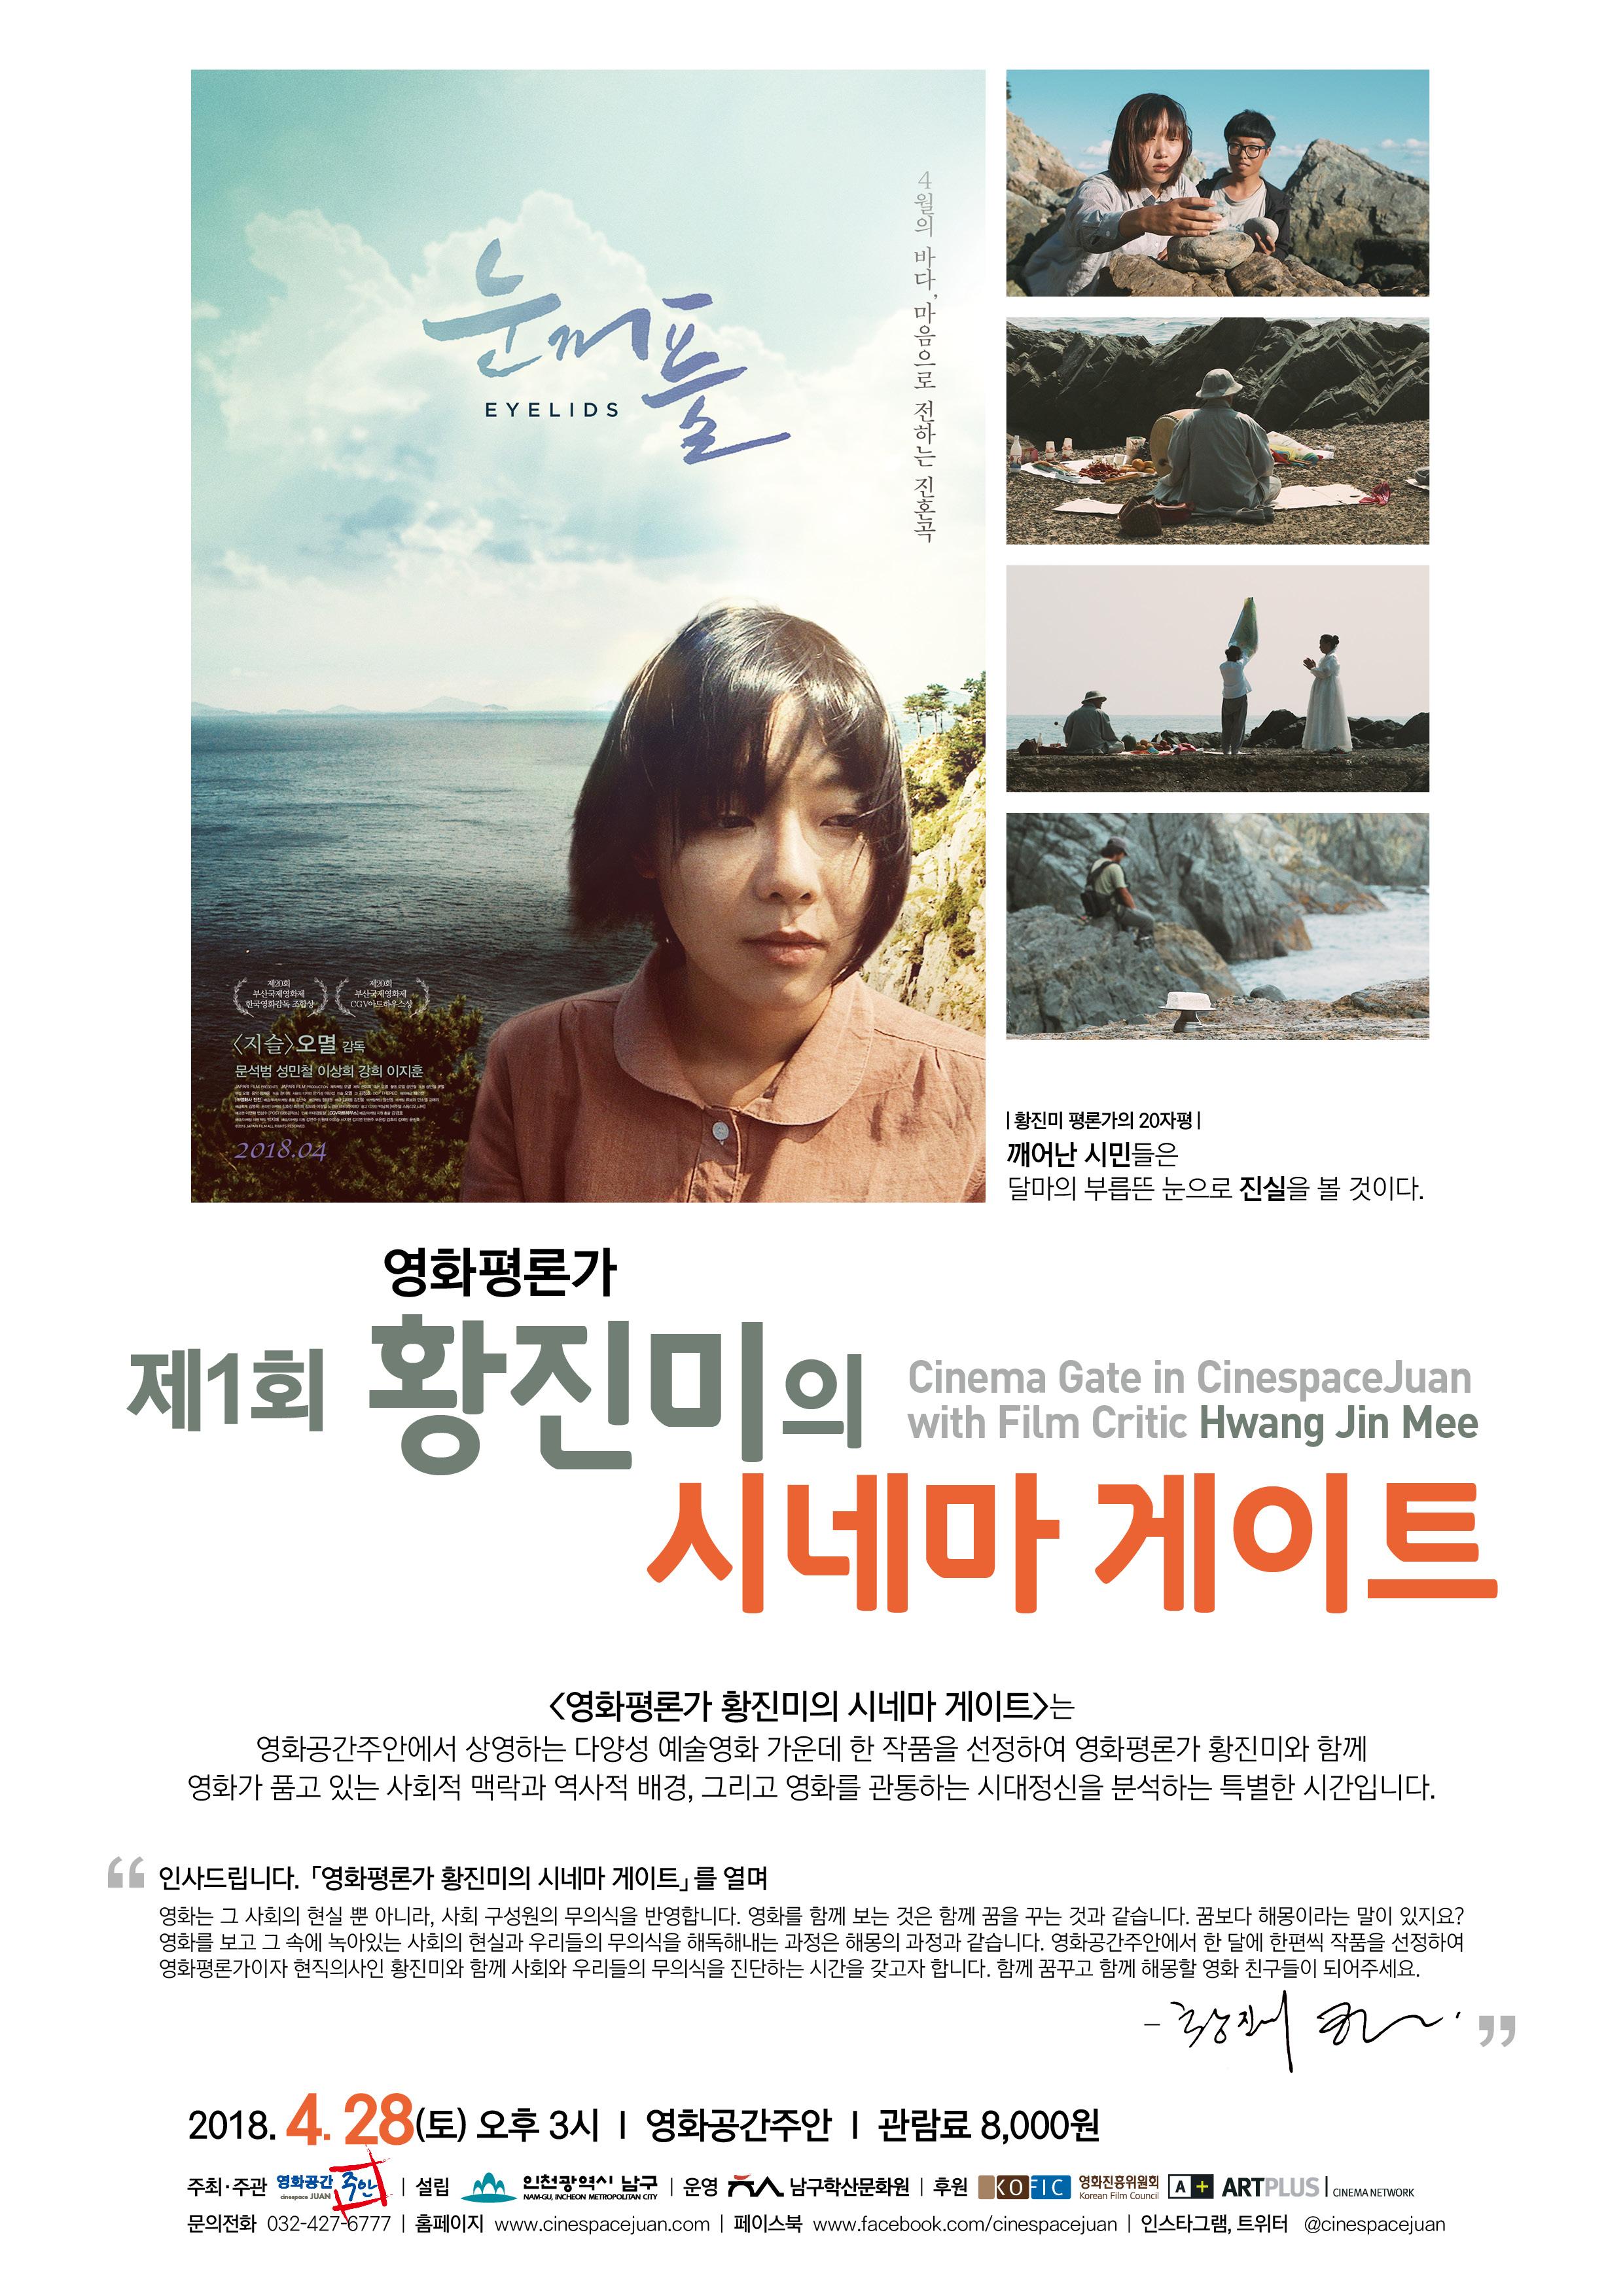 제1회 영화평론가 황진미의 시네마 게이트.jpg